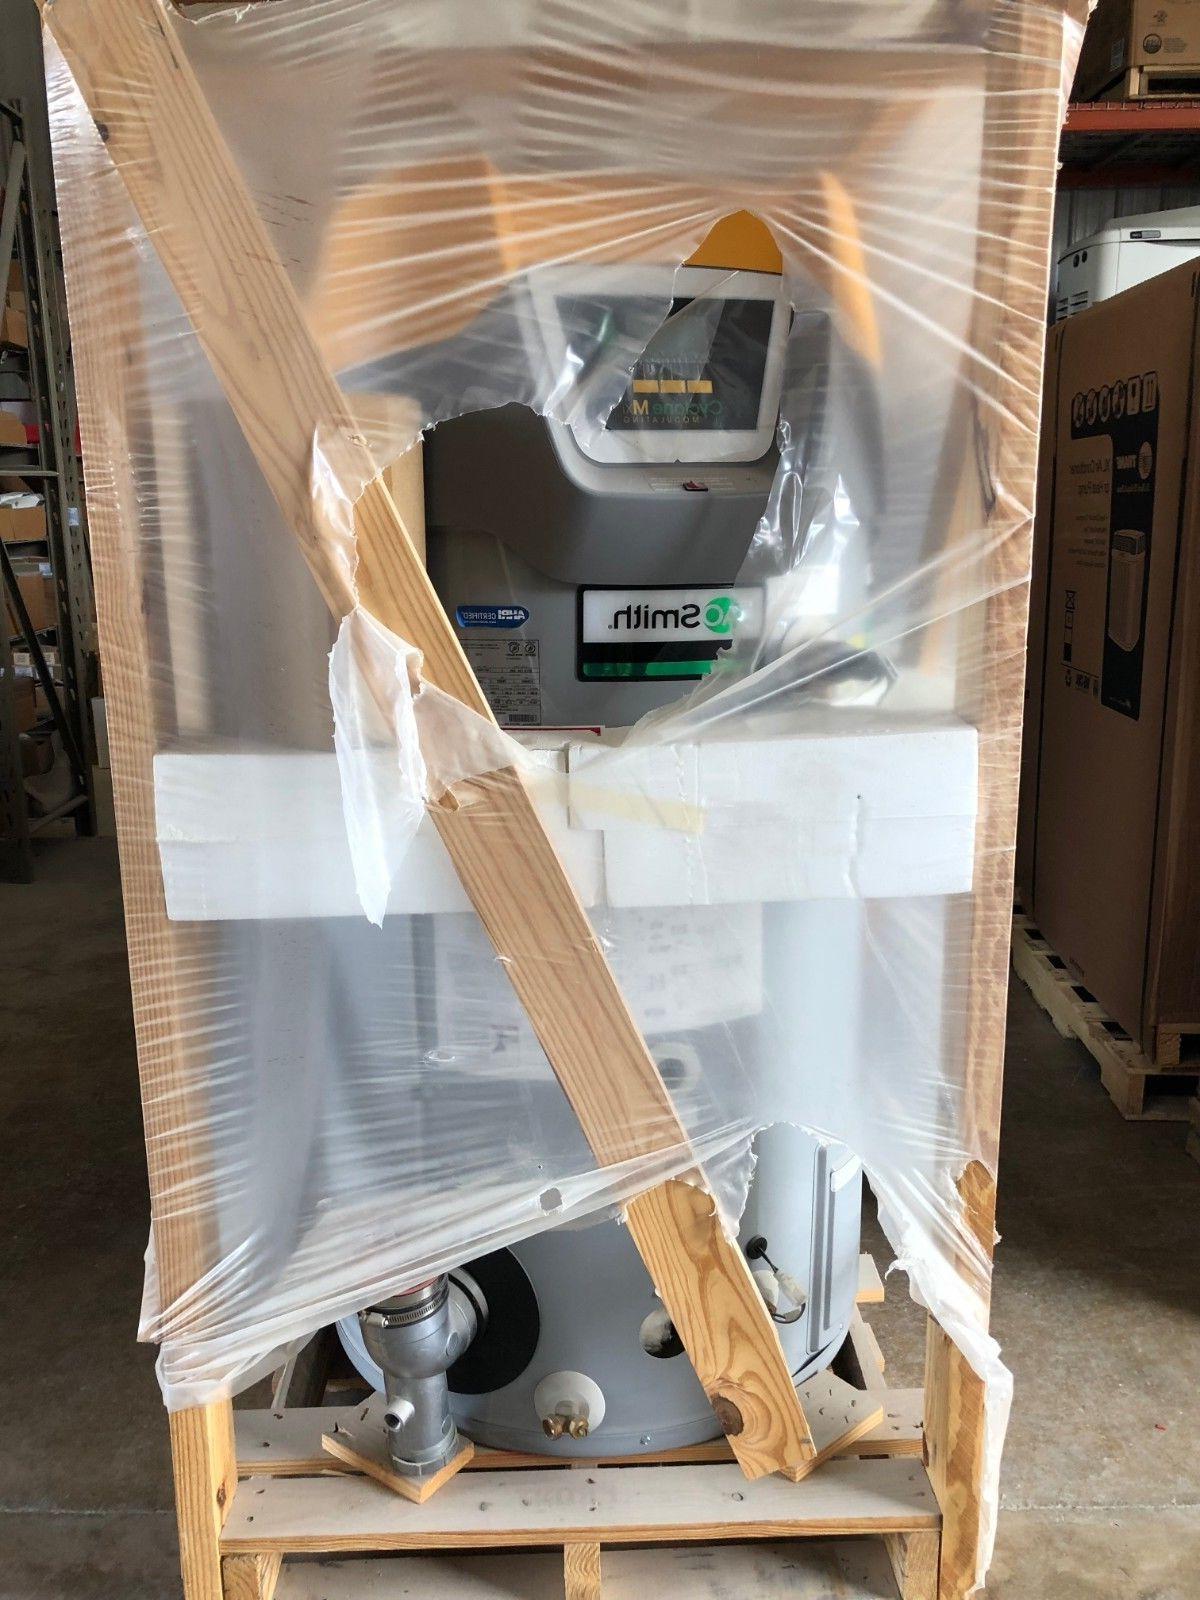 AO SMITH Commercial Water Heater, 60 Gallon, Natural Gas, BT